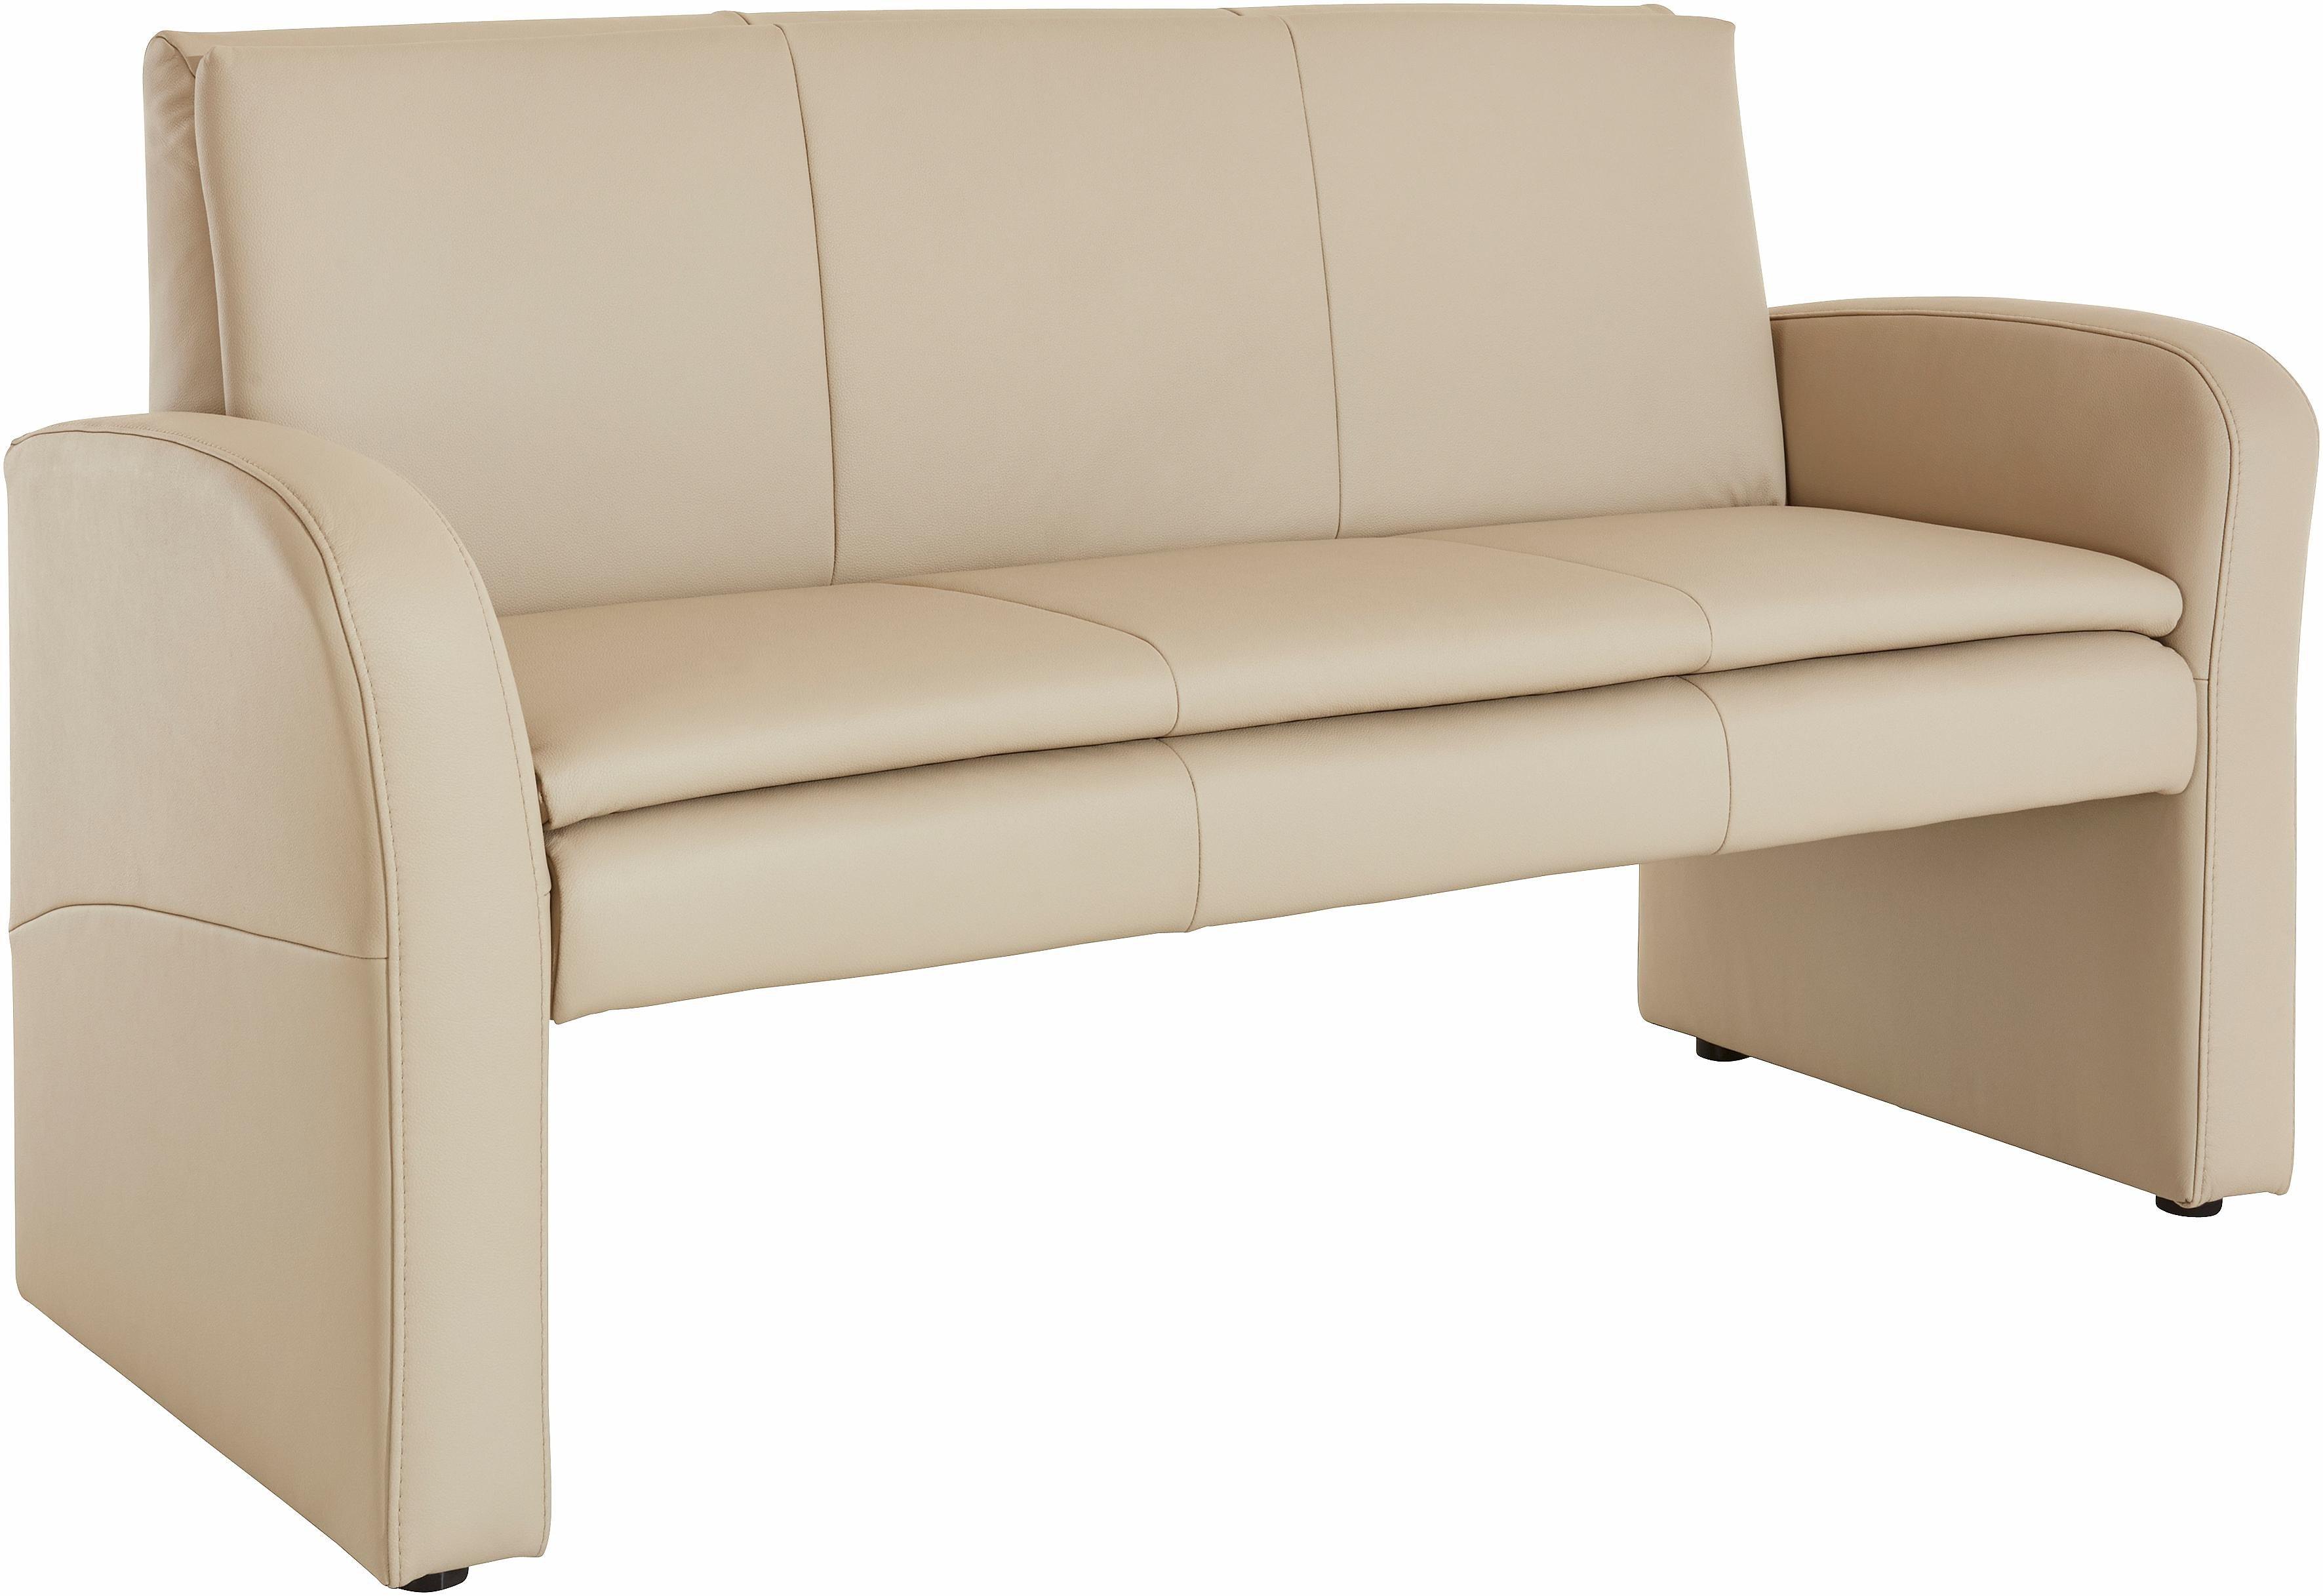 Image of exxpo - sofa fashion Polsterbank